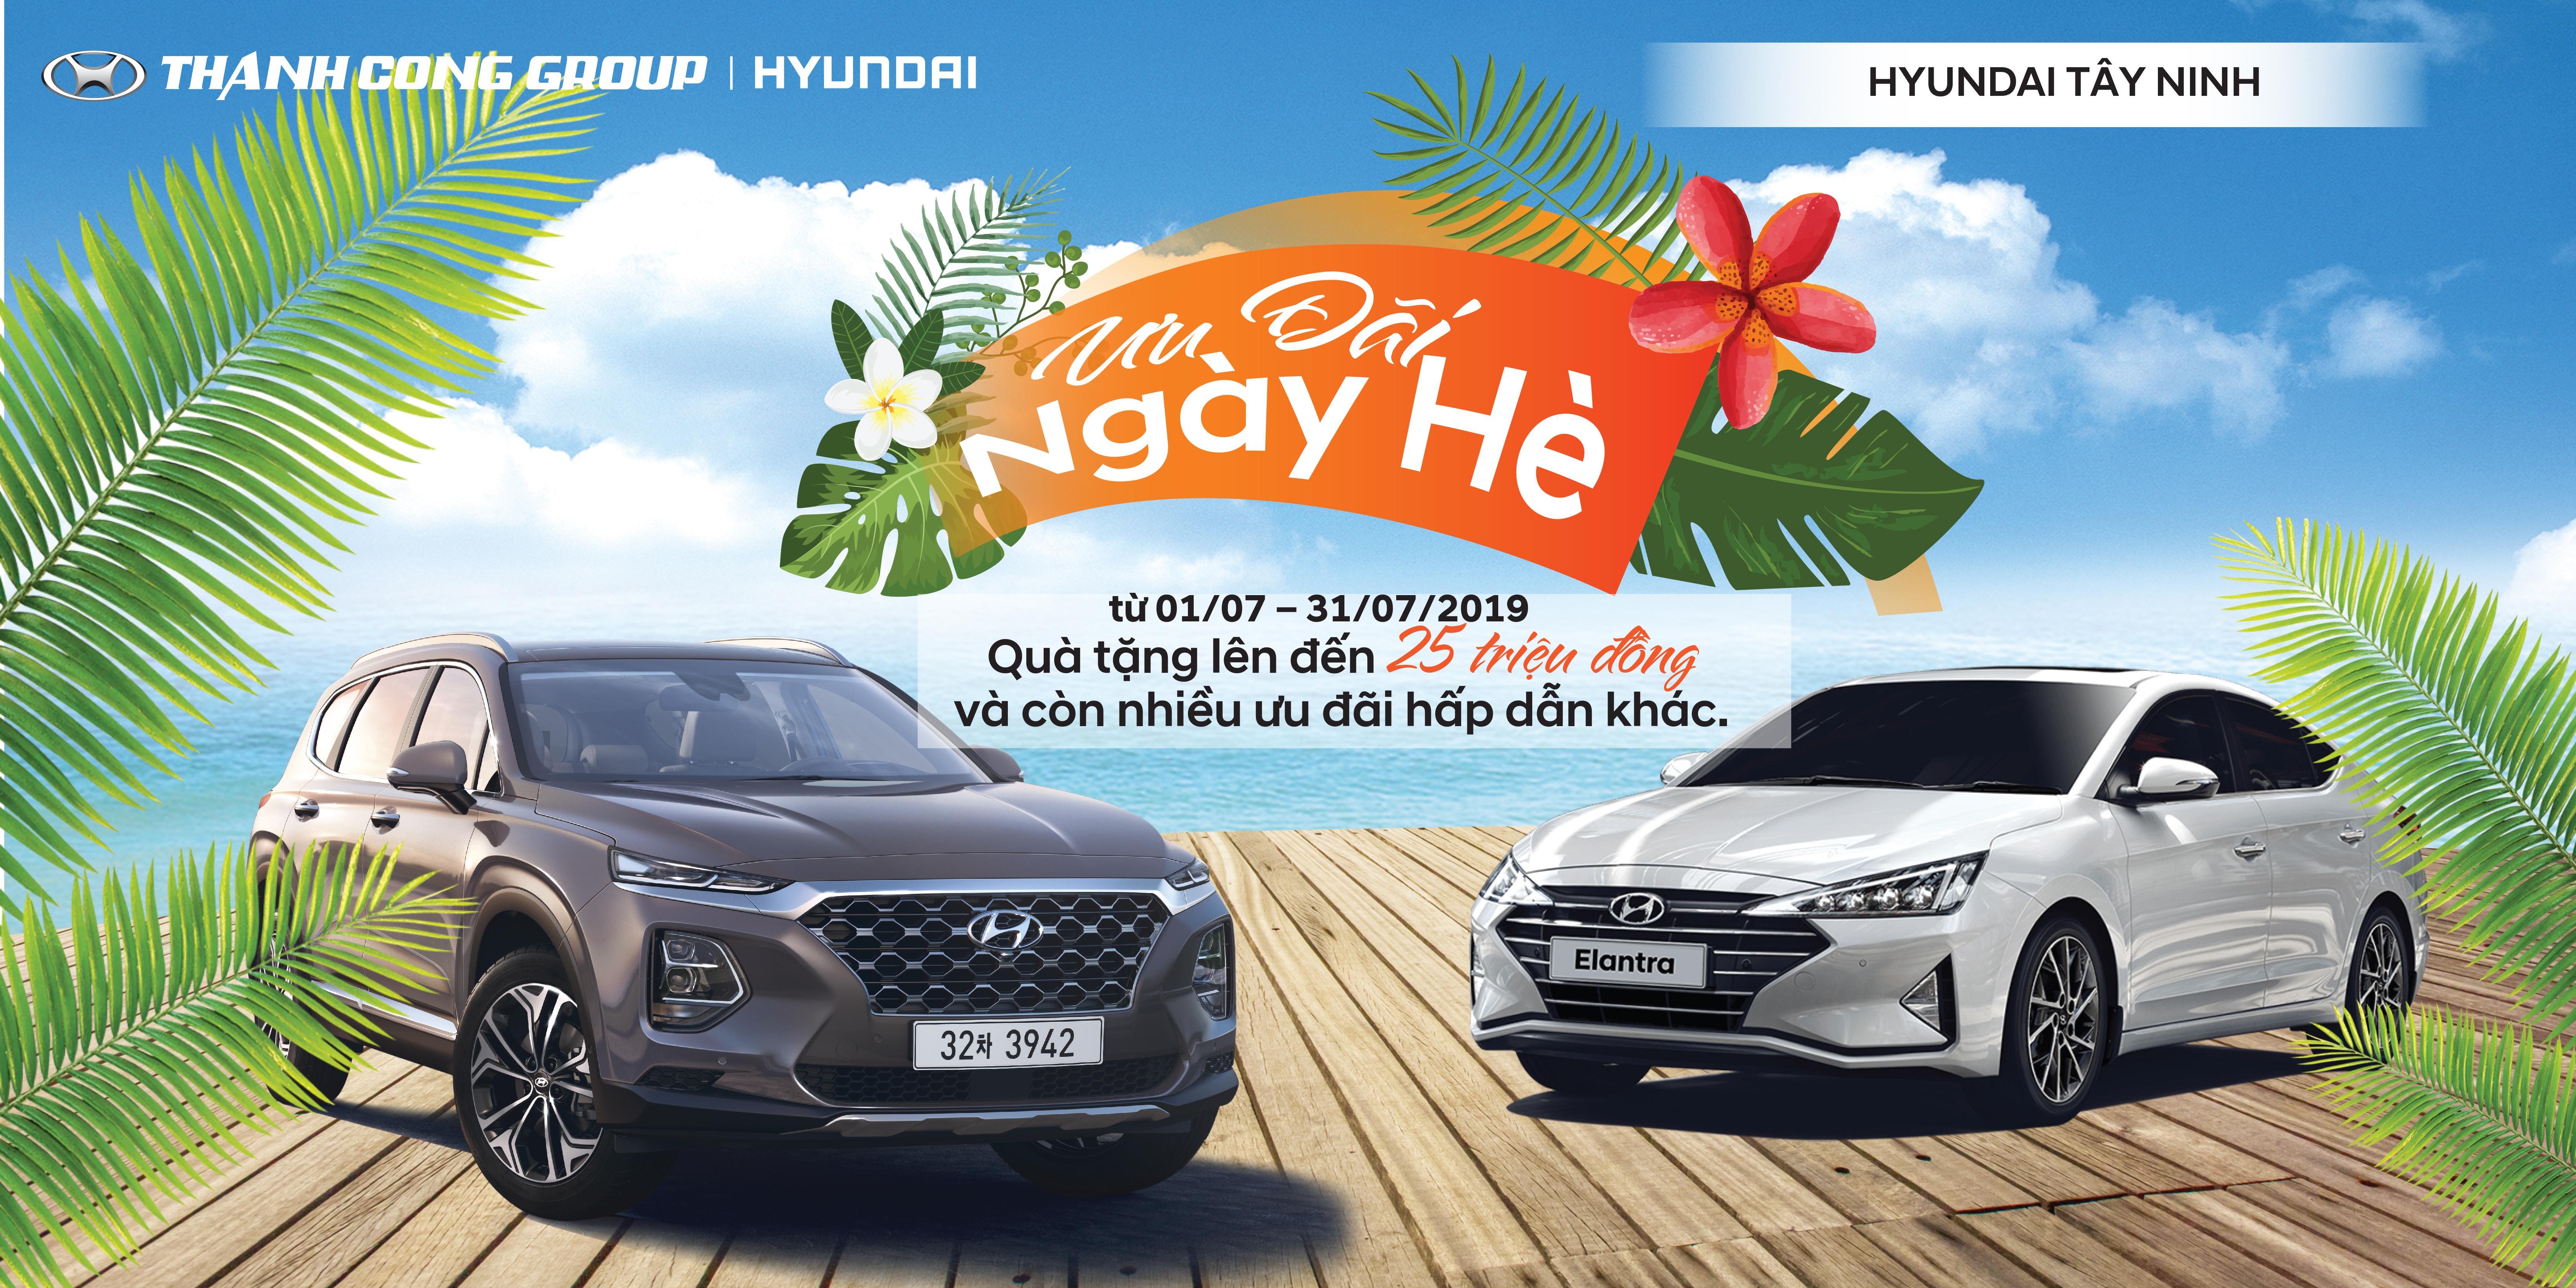 Ưu Đãi Ngày Hè tại Hyundai Tây Ninh